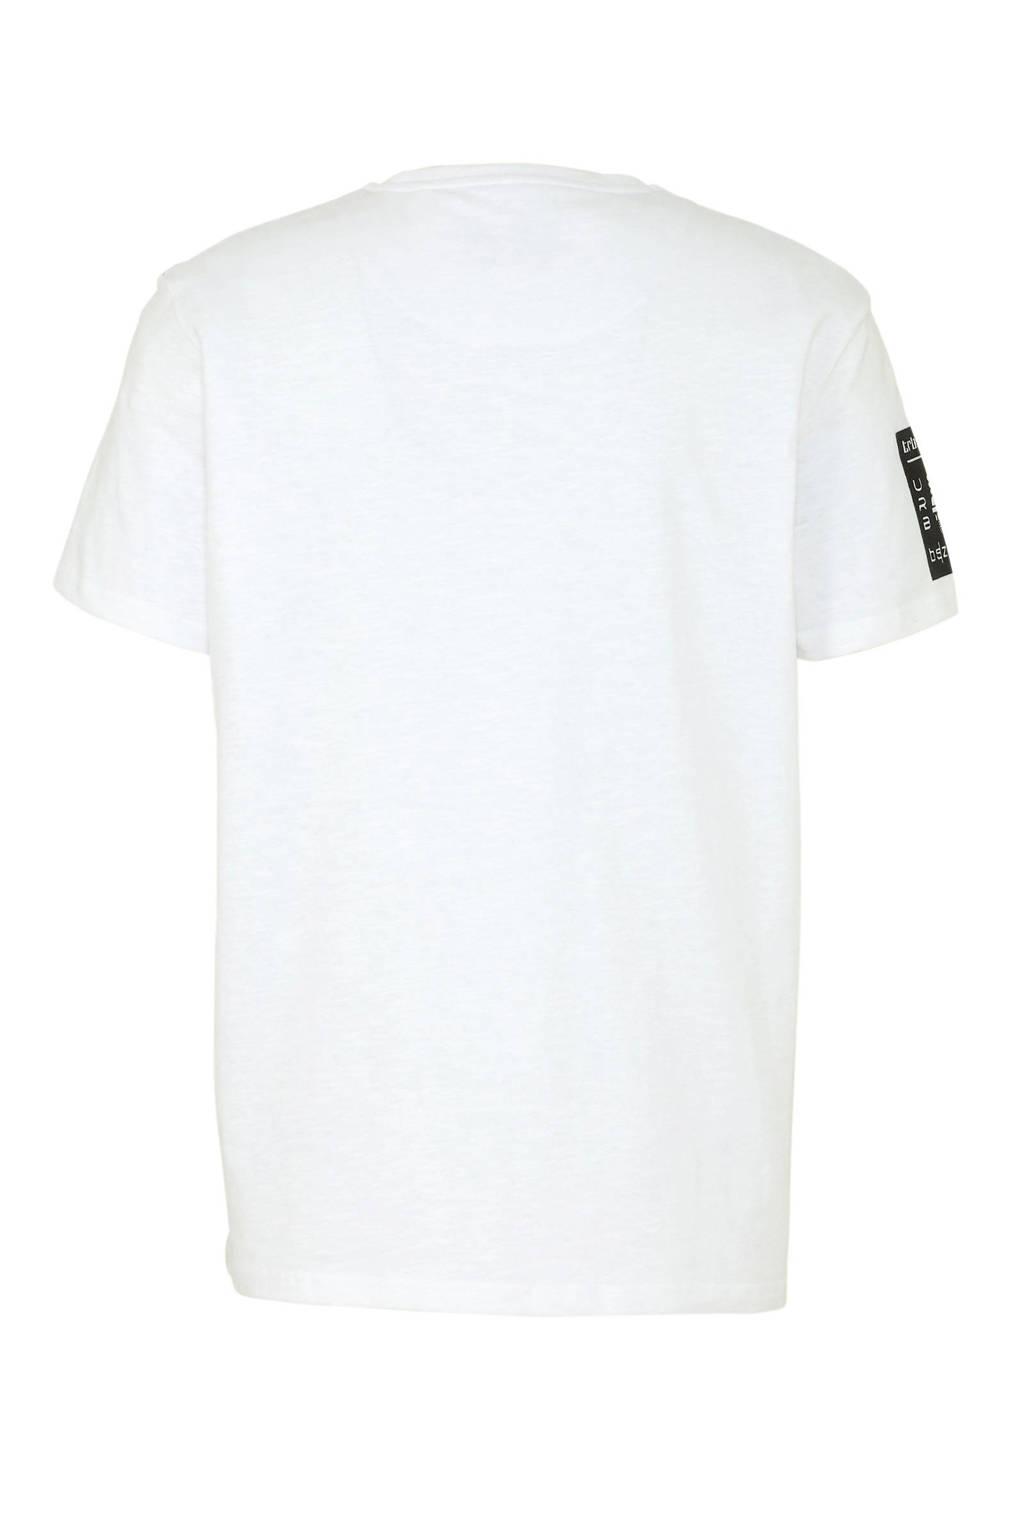 C&A Angelo Litrico T-shirt van biologisch katoen wit, Wit